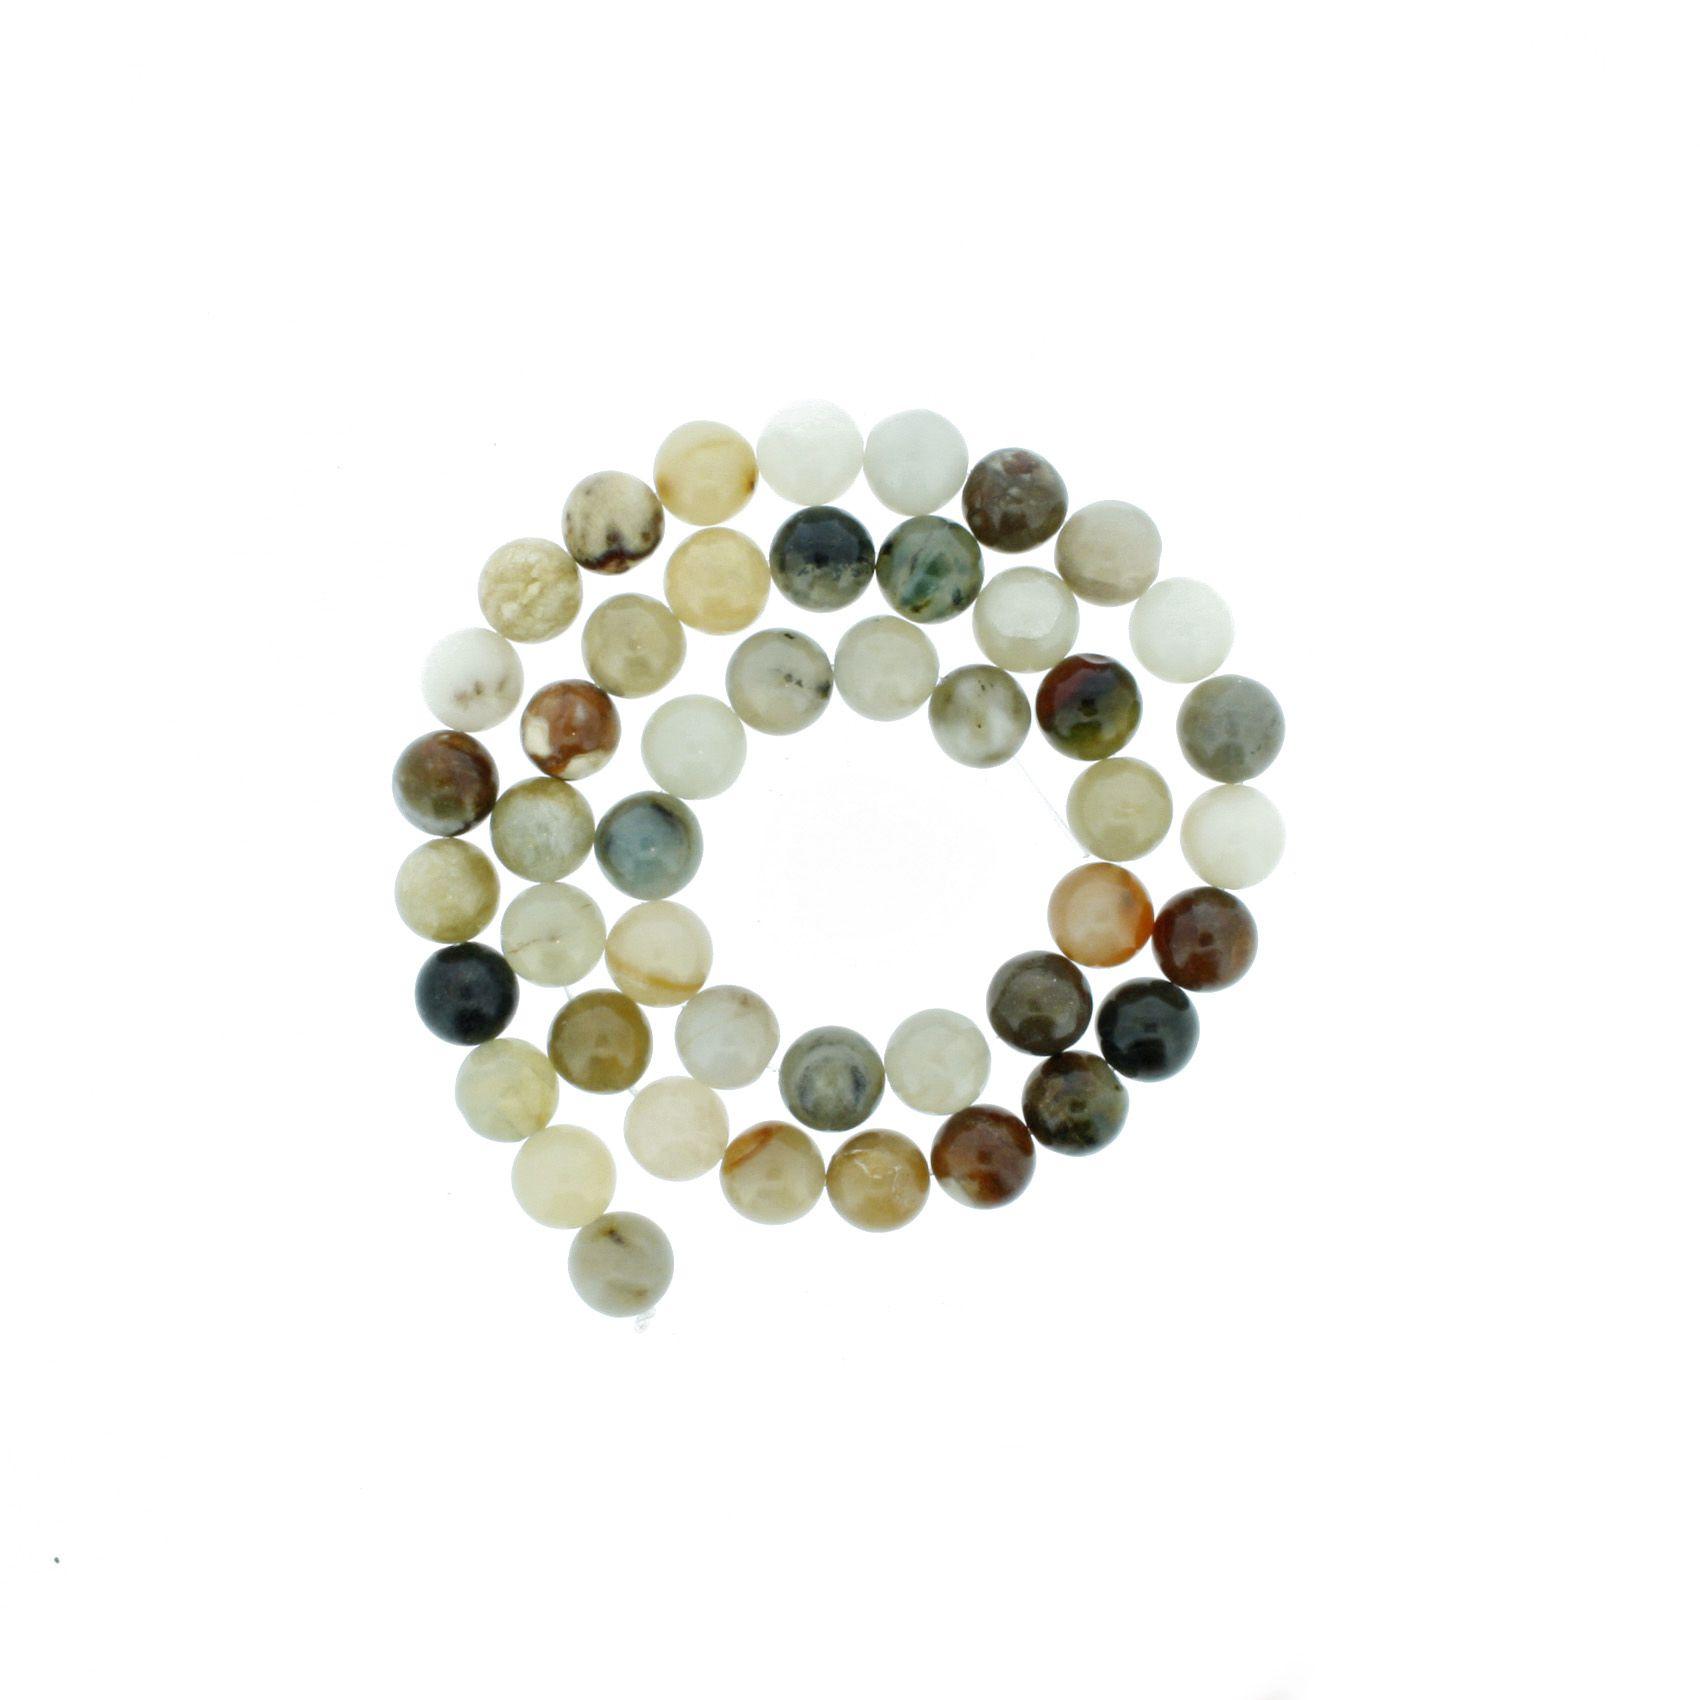 Fio de Pedra - Pietra® - Ágata Mix Claro - 8mm  - Universo Religioso® - Artigos de Umbanda e Candomblé